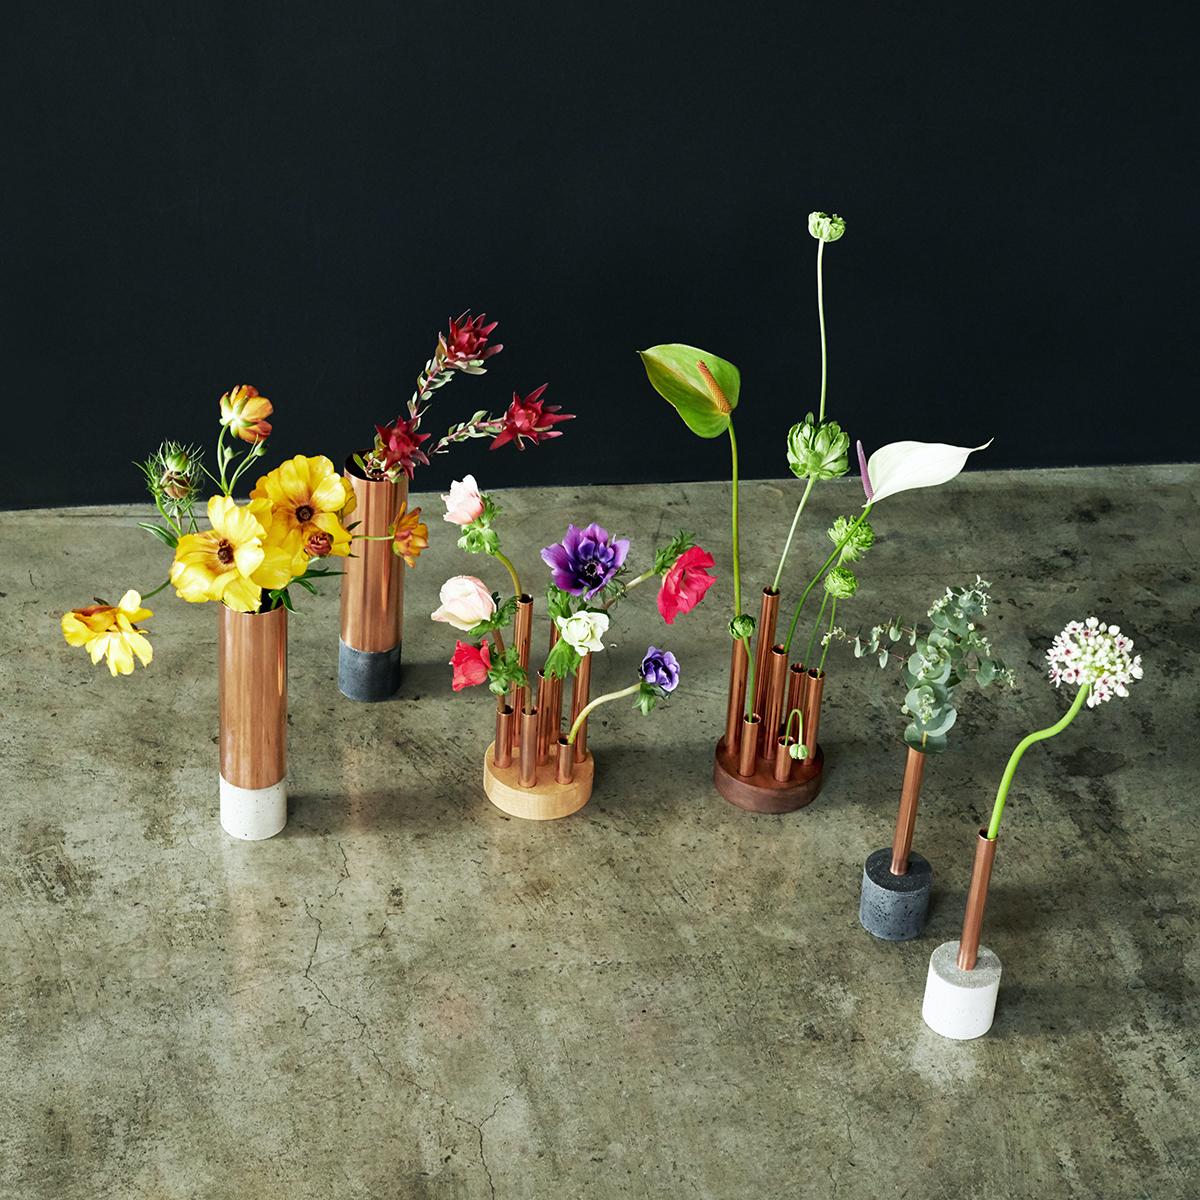 さまざまな個性を持つ植物そのものの美しさにフィットする包容力と、変化を楽しむしなやかさ。無造作に挿すだけで「絵」になる、銅管の一輪挿し・花瓶・フラワーベース|BULBOUS